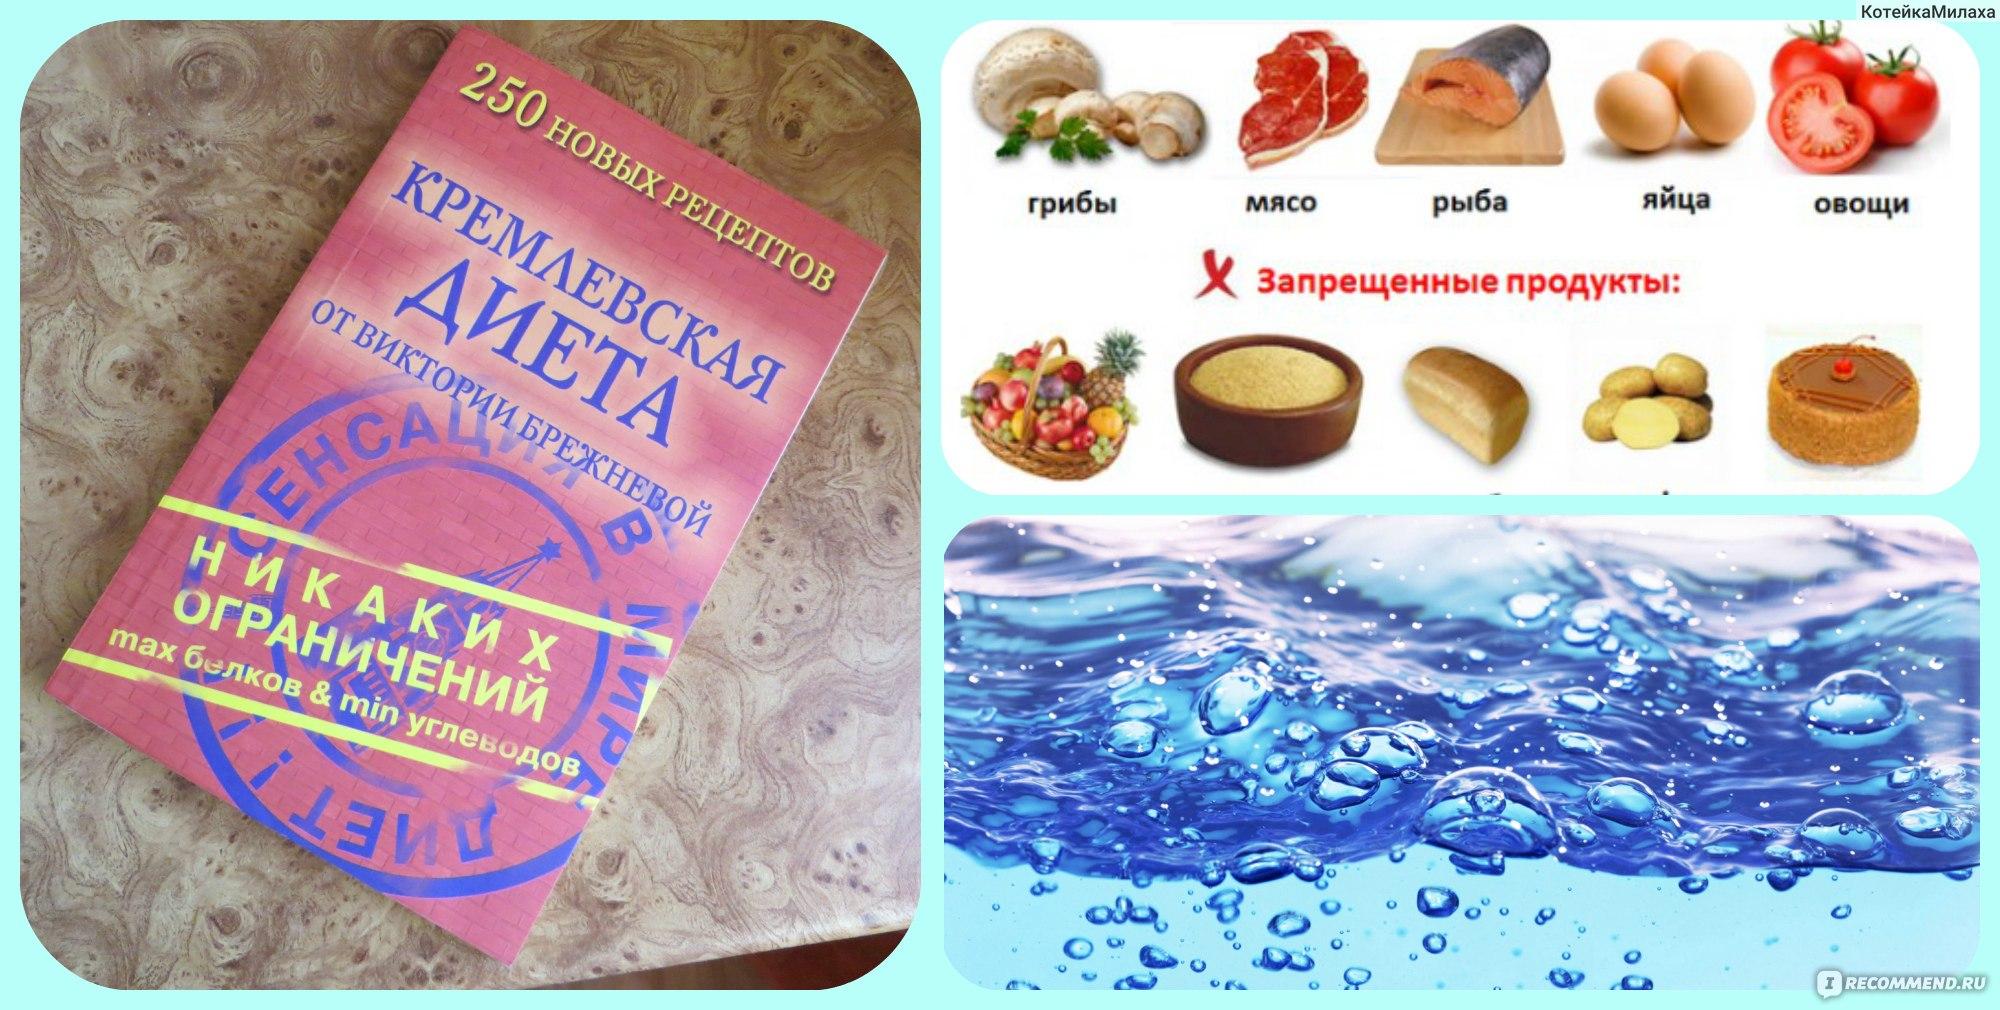 Электронная версия книги кремлевская диета